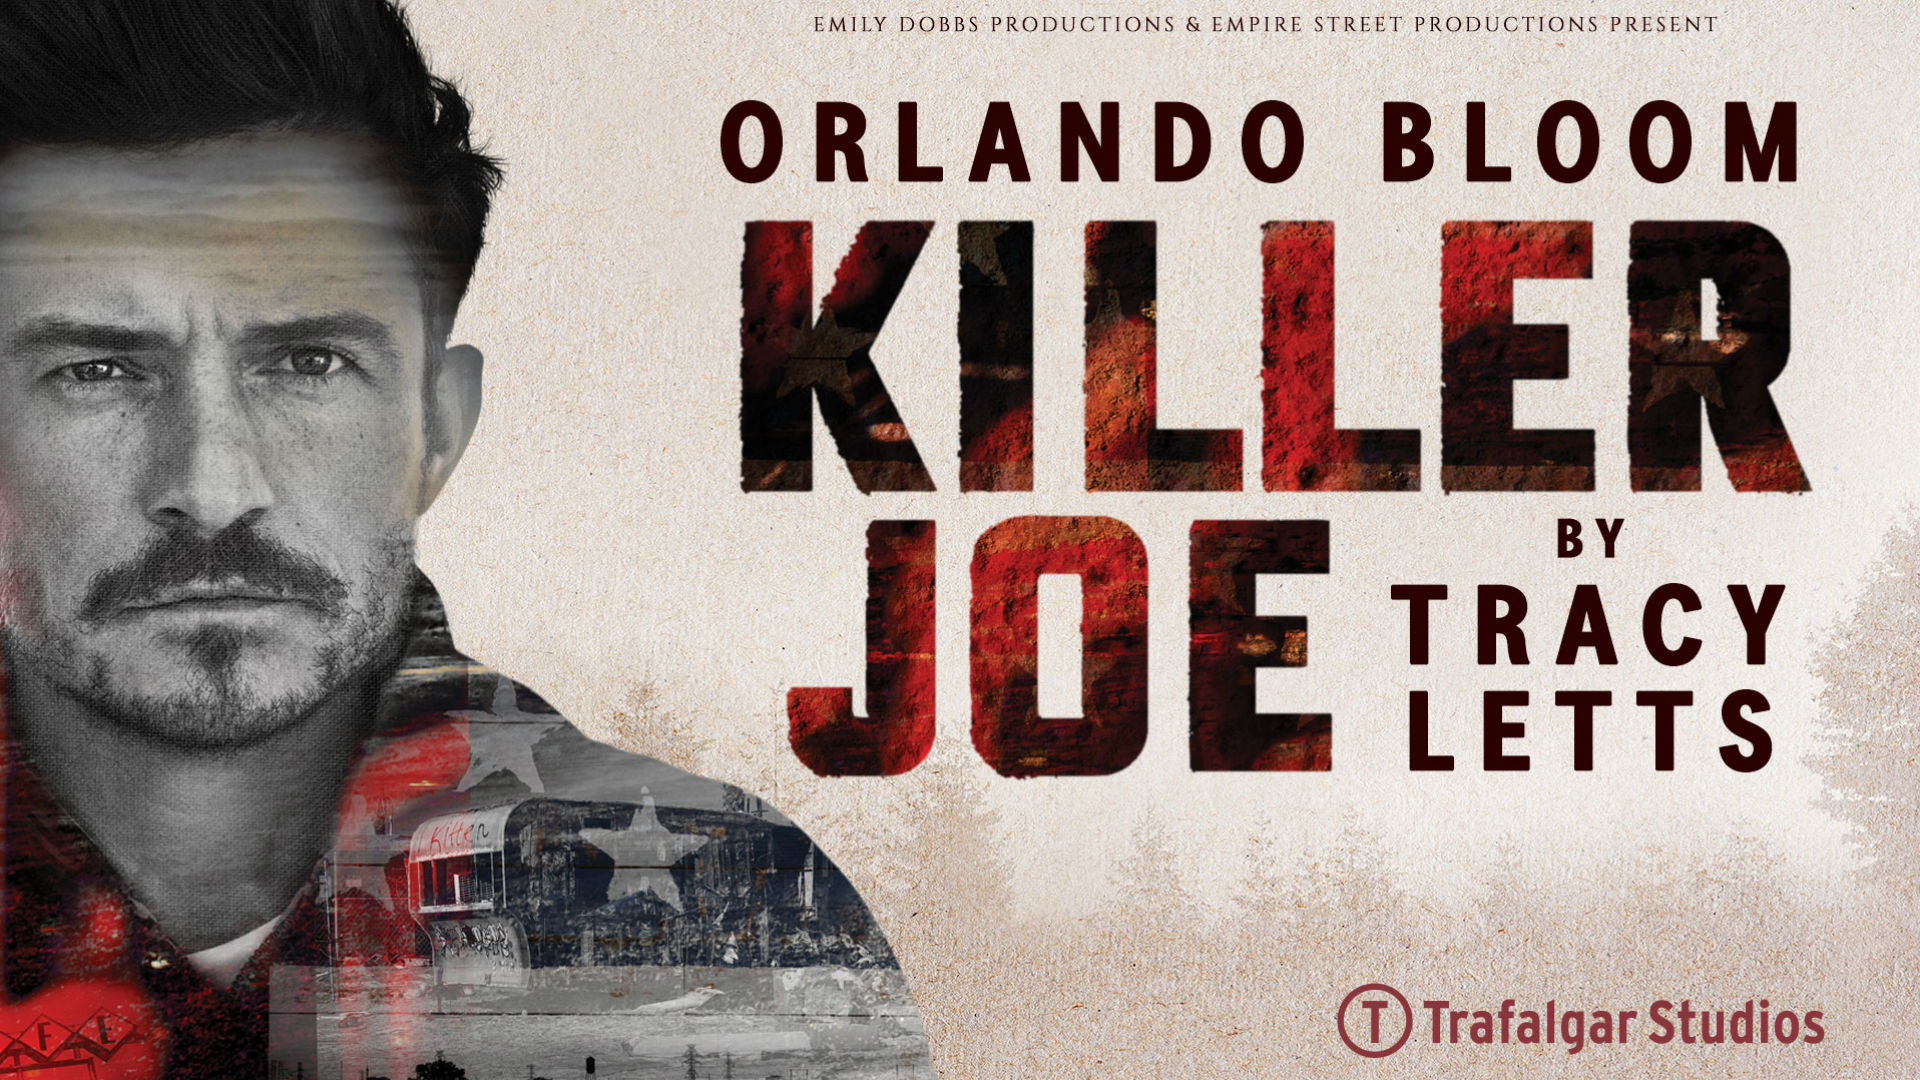 Orlando Bloom stars in Killer Joe. Image courtesy of Premier PR.